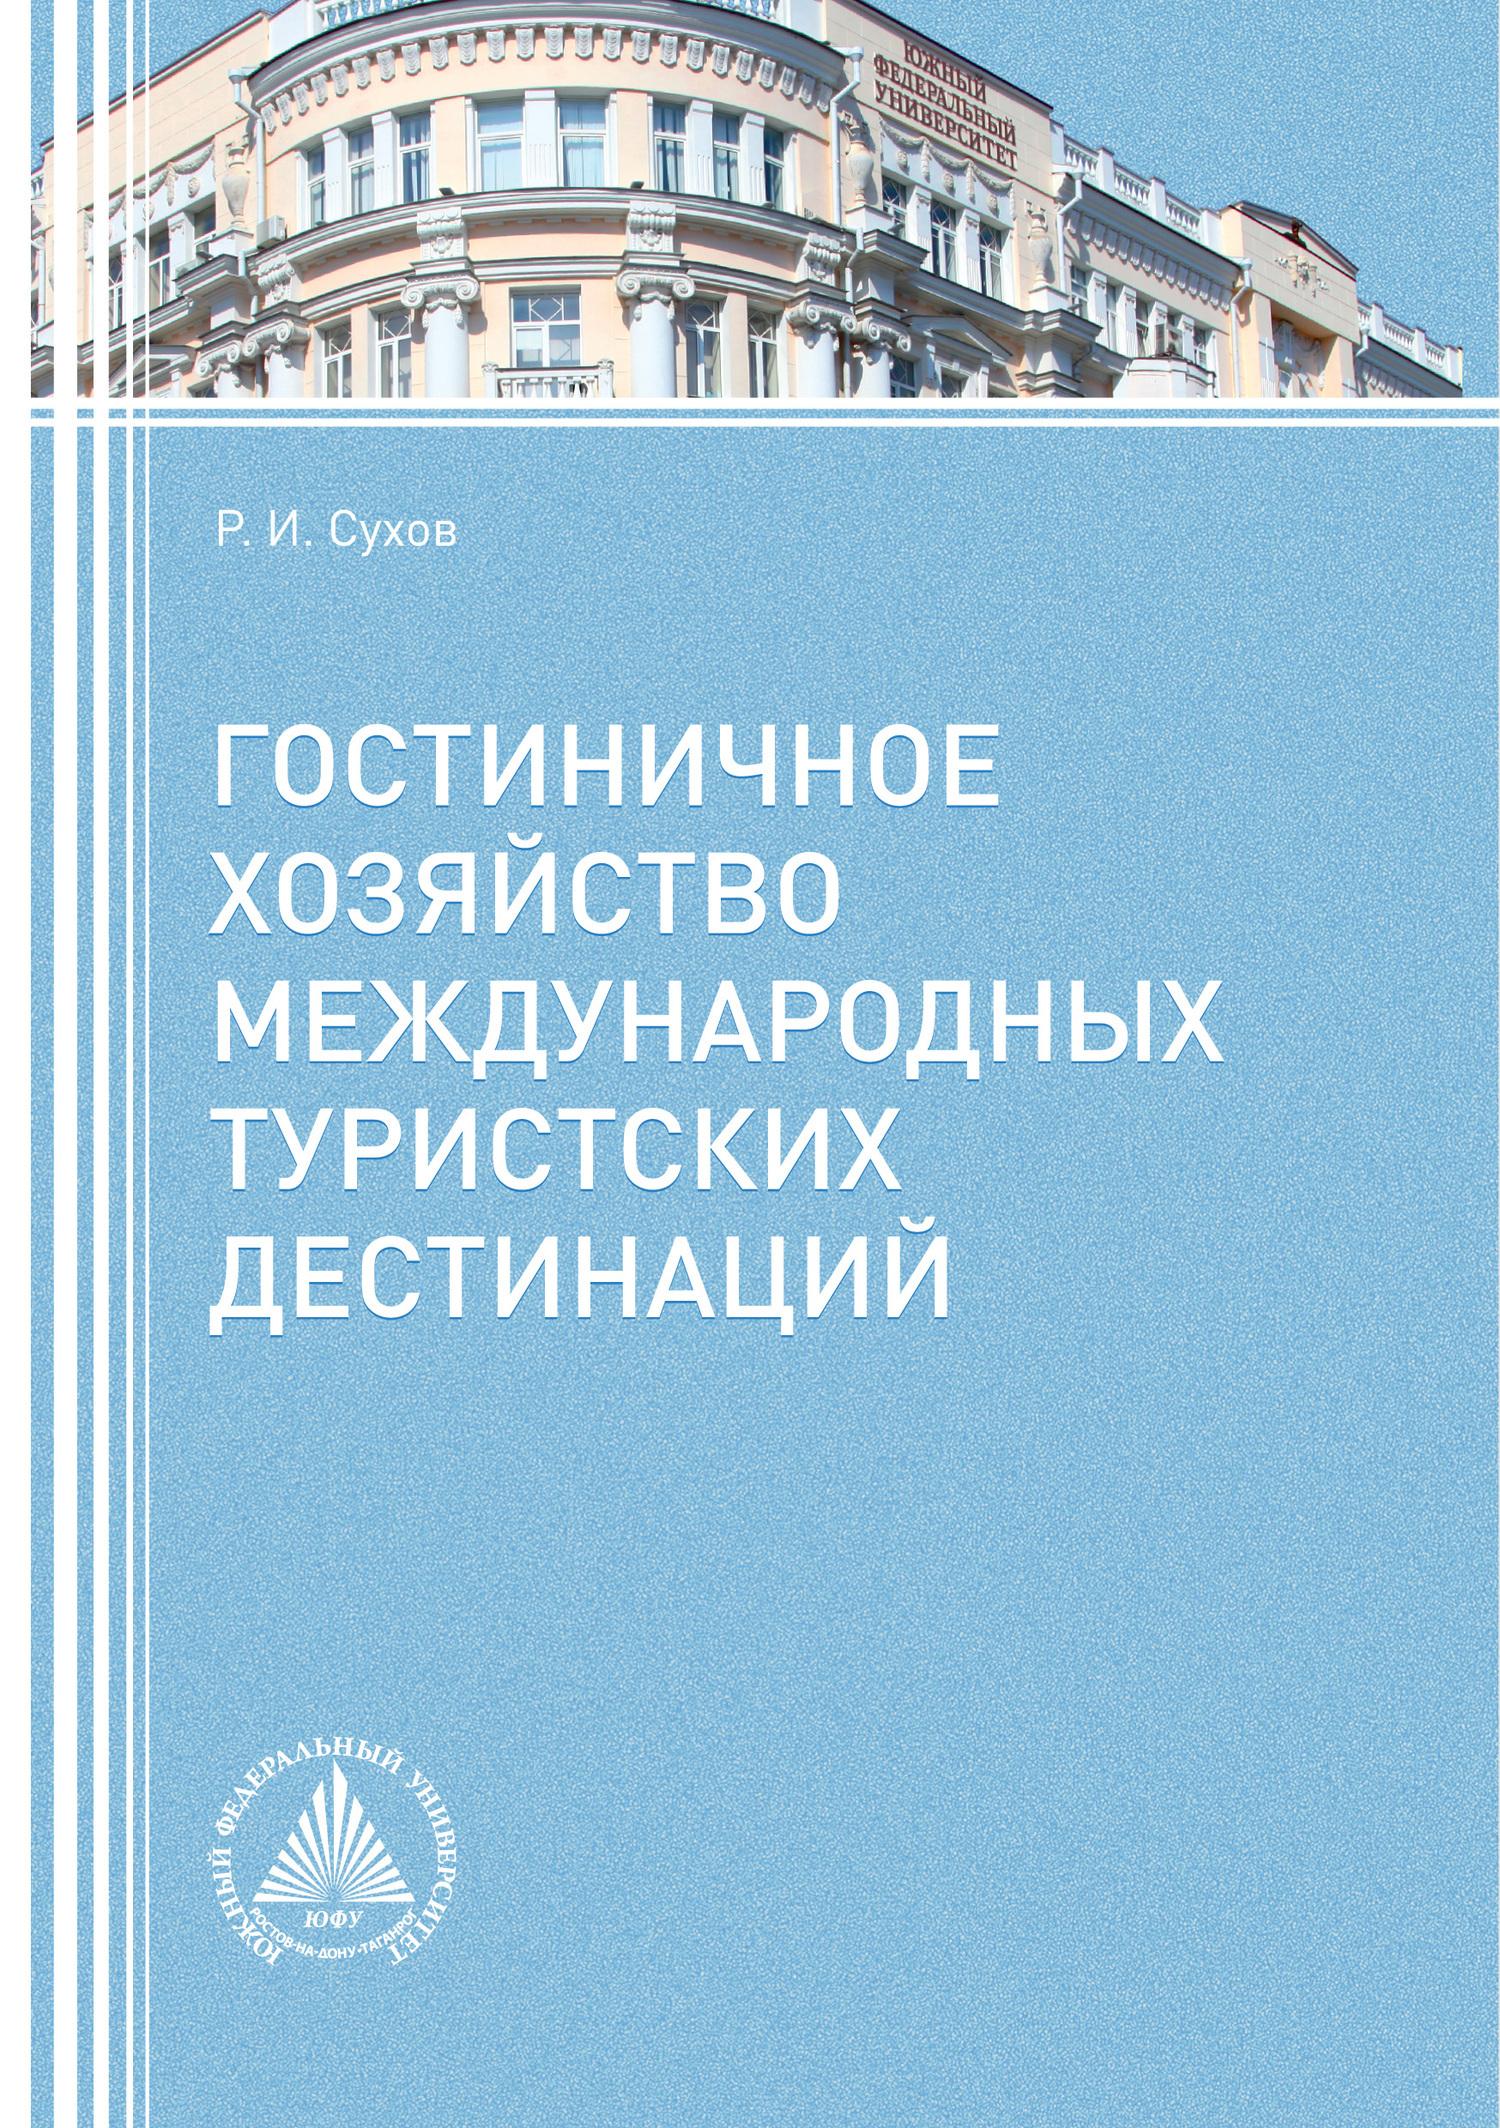 Гостиничное хозяйство международных туристских дестинаций